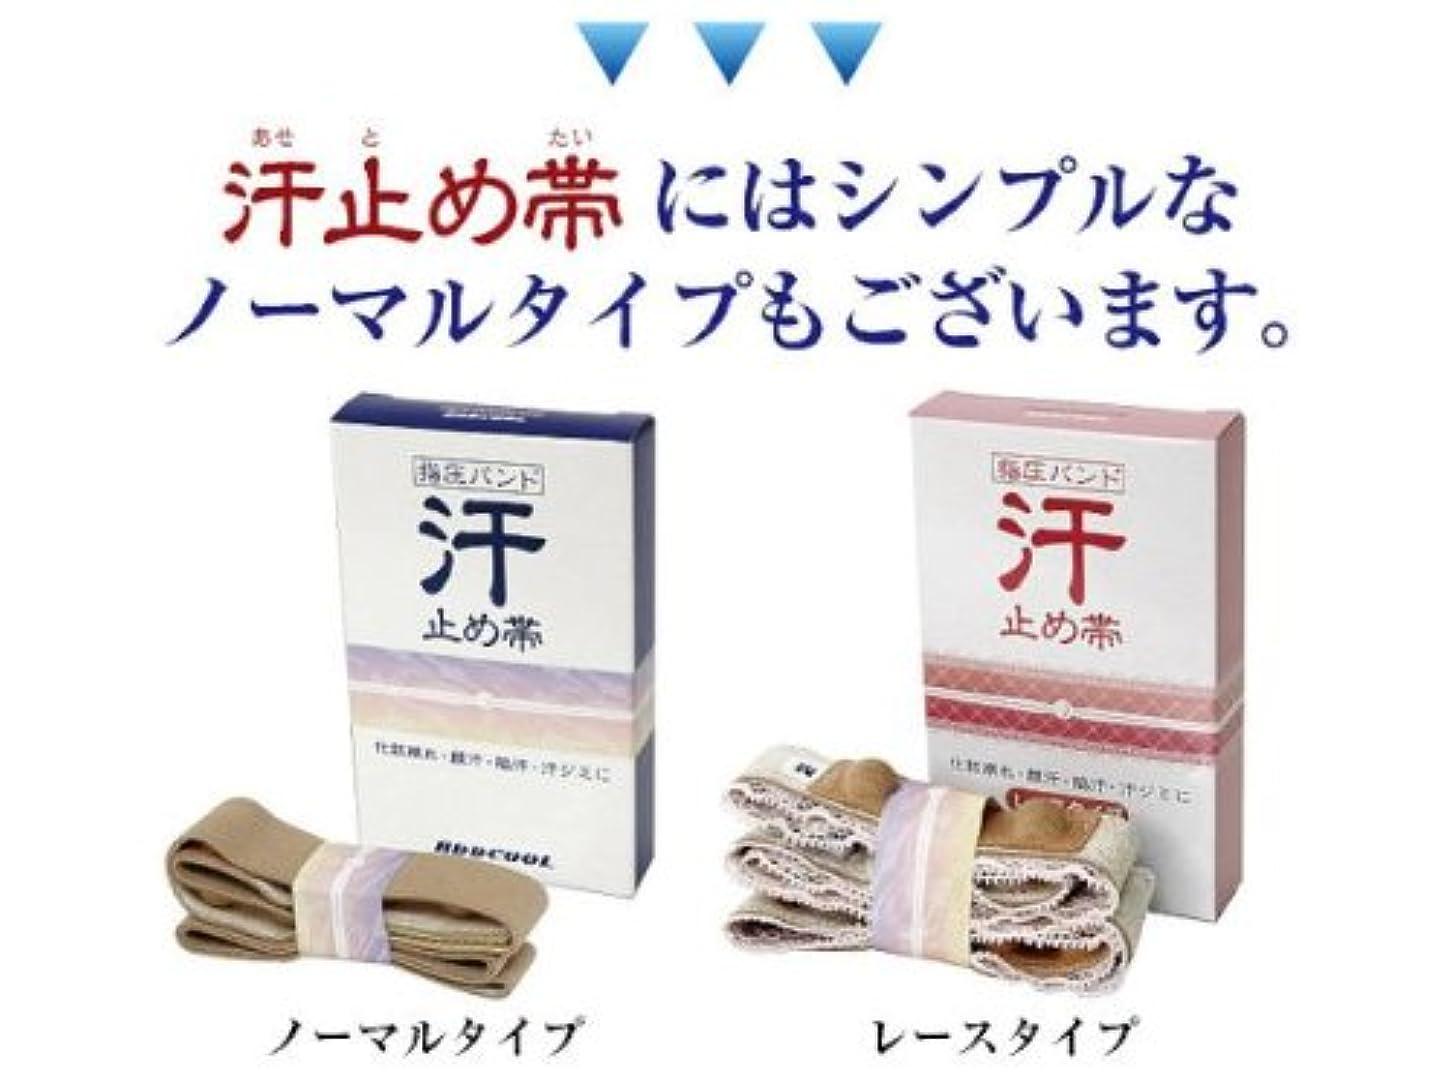 ボックス懐疑的インスタント汗止め帯 (ノーマルタイプ) L 95~105cm  p-9044